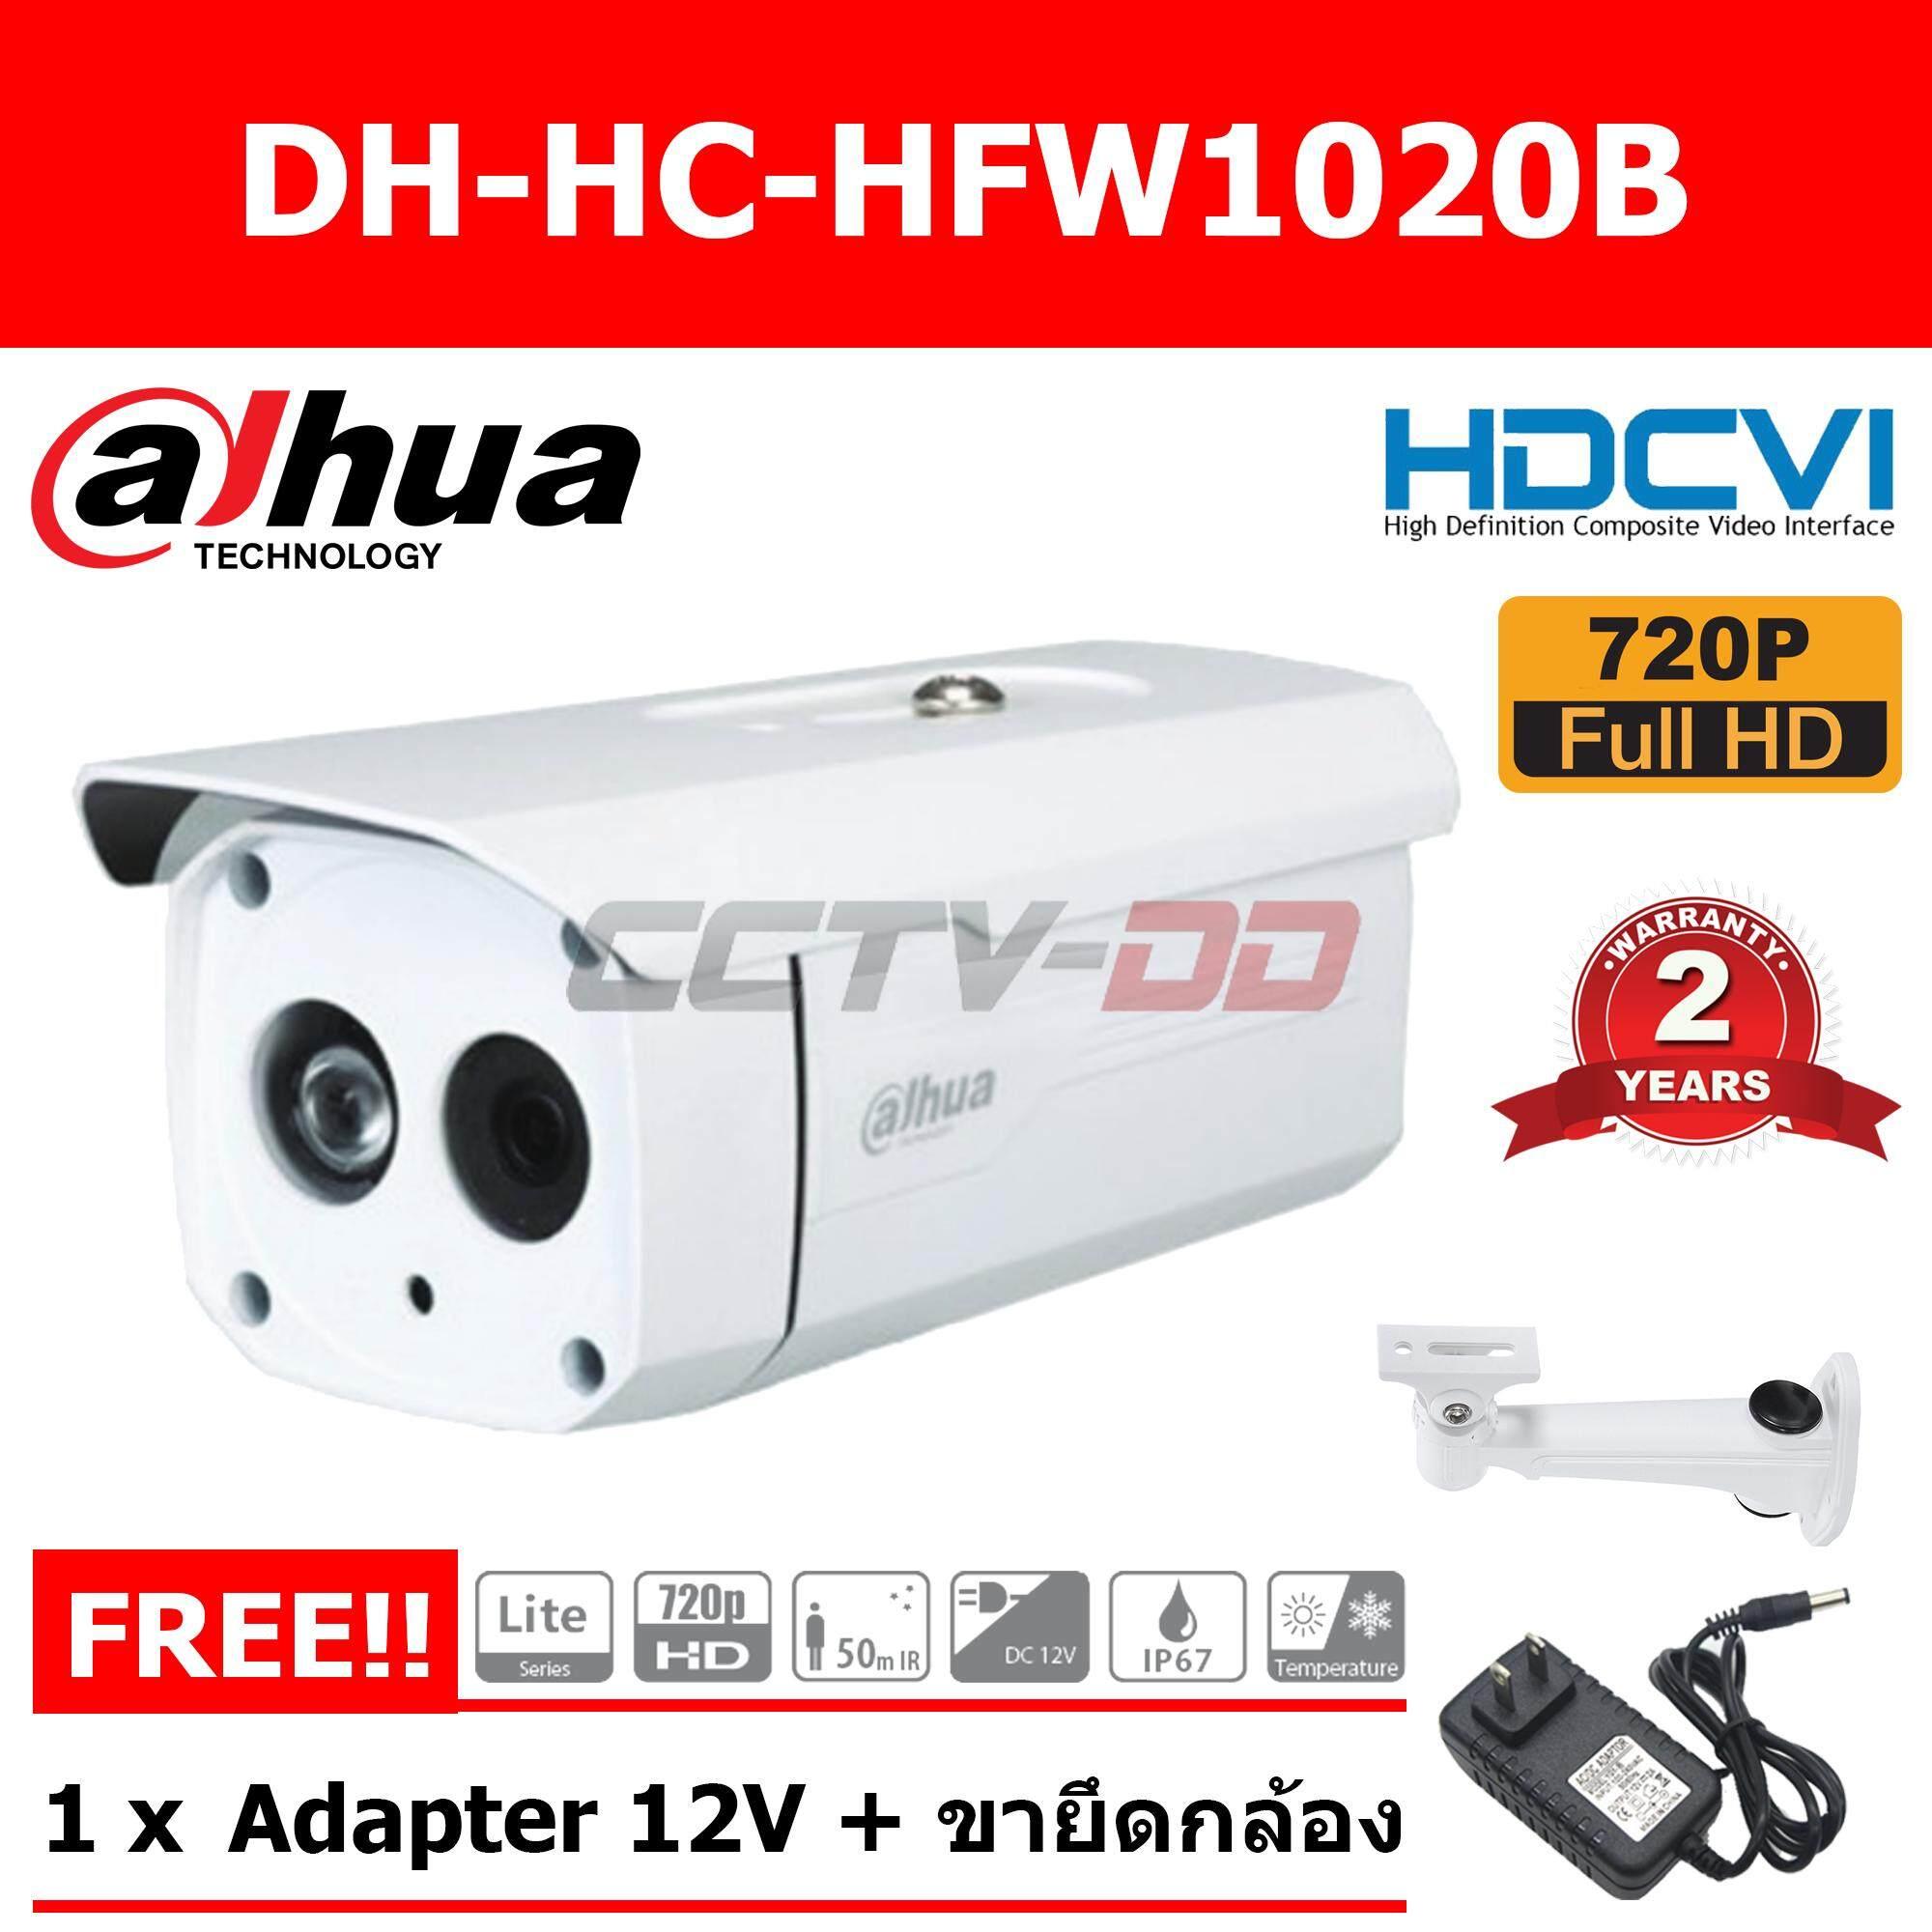 กล้องวงจรปิด DAHUA Dahua HAC-HFW1020B 1ล้านพิกเซล 720P อินฟราเรท